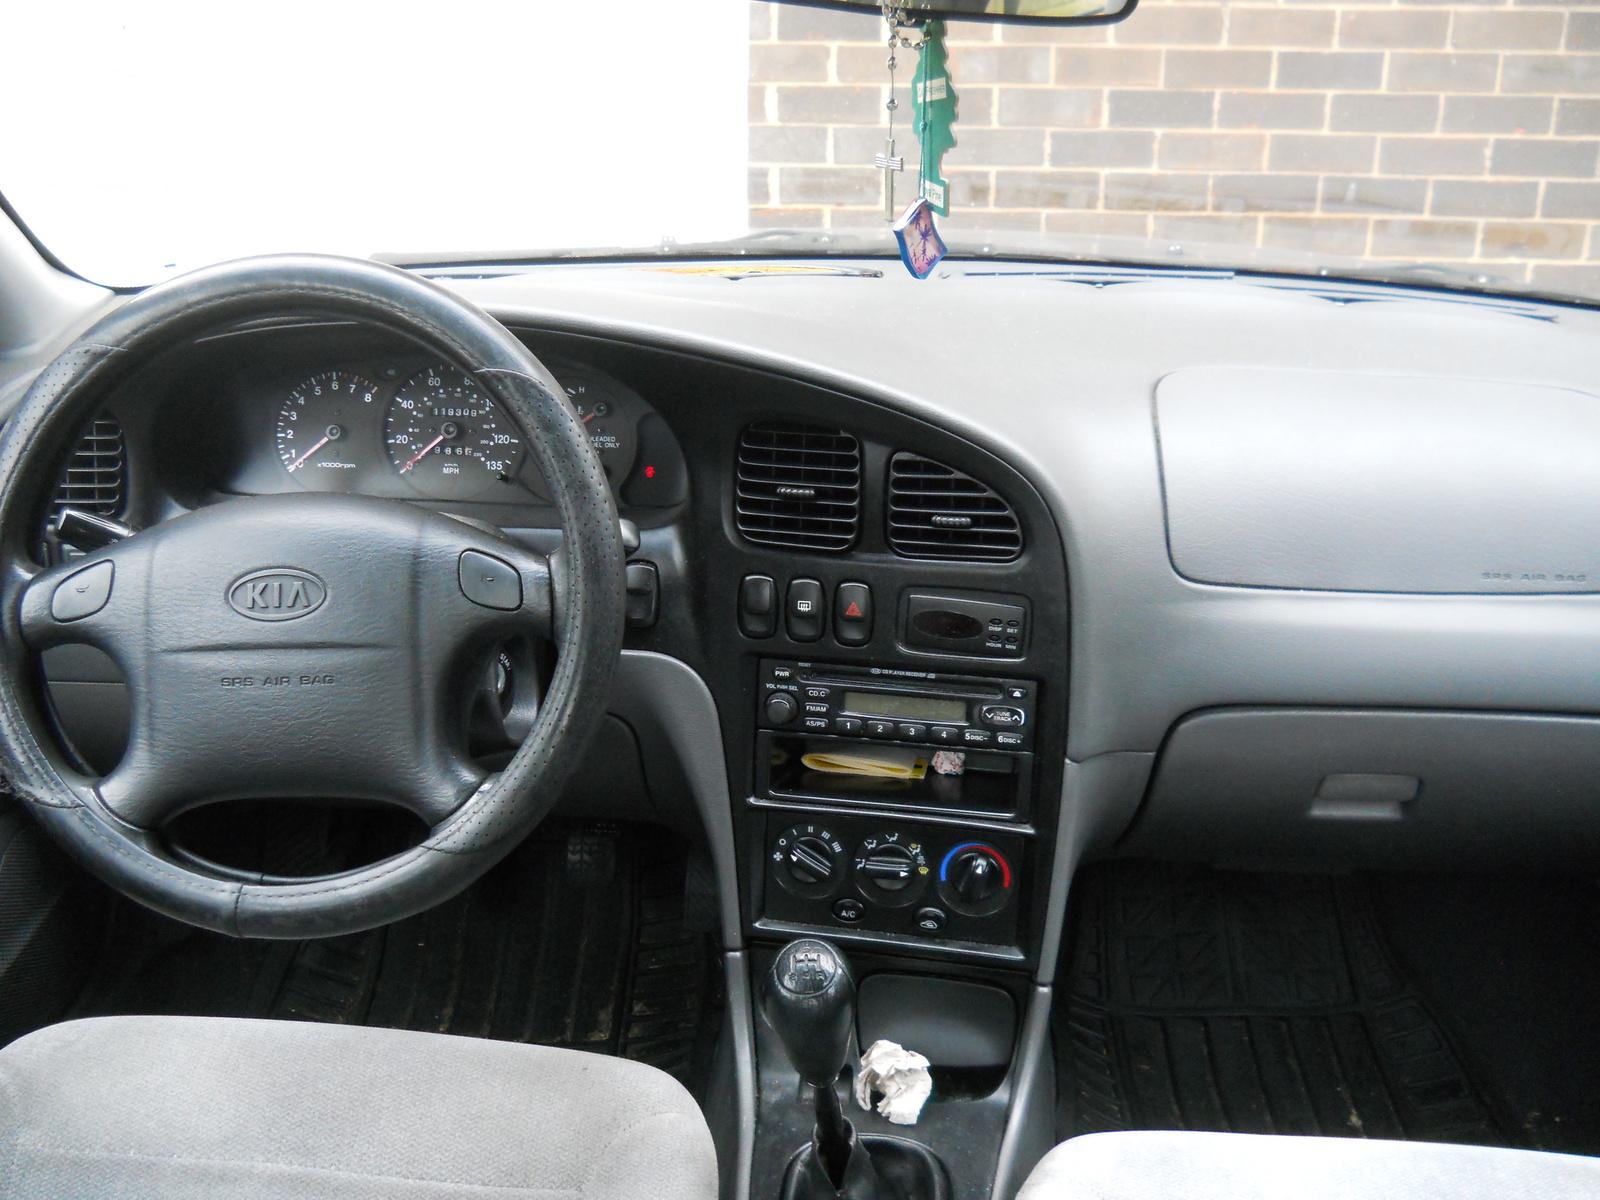 2001 Kia Sephia - Interior Pictures